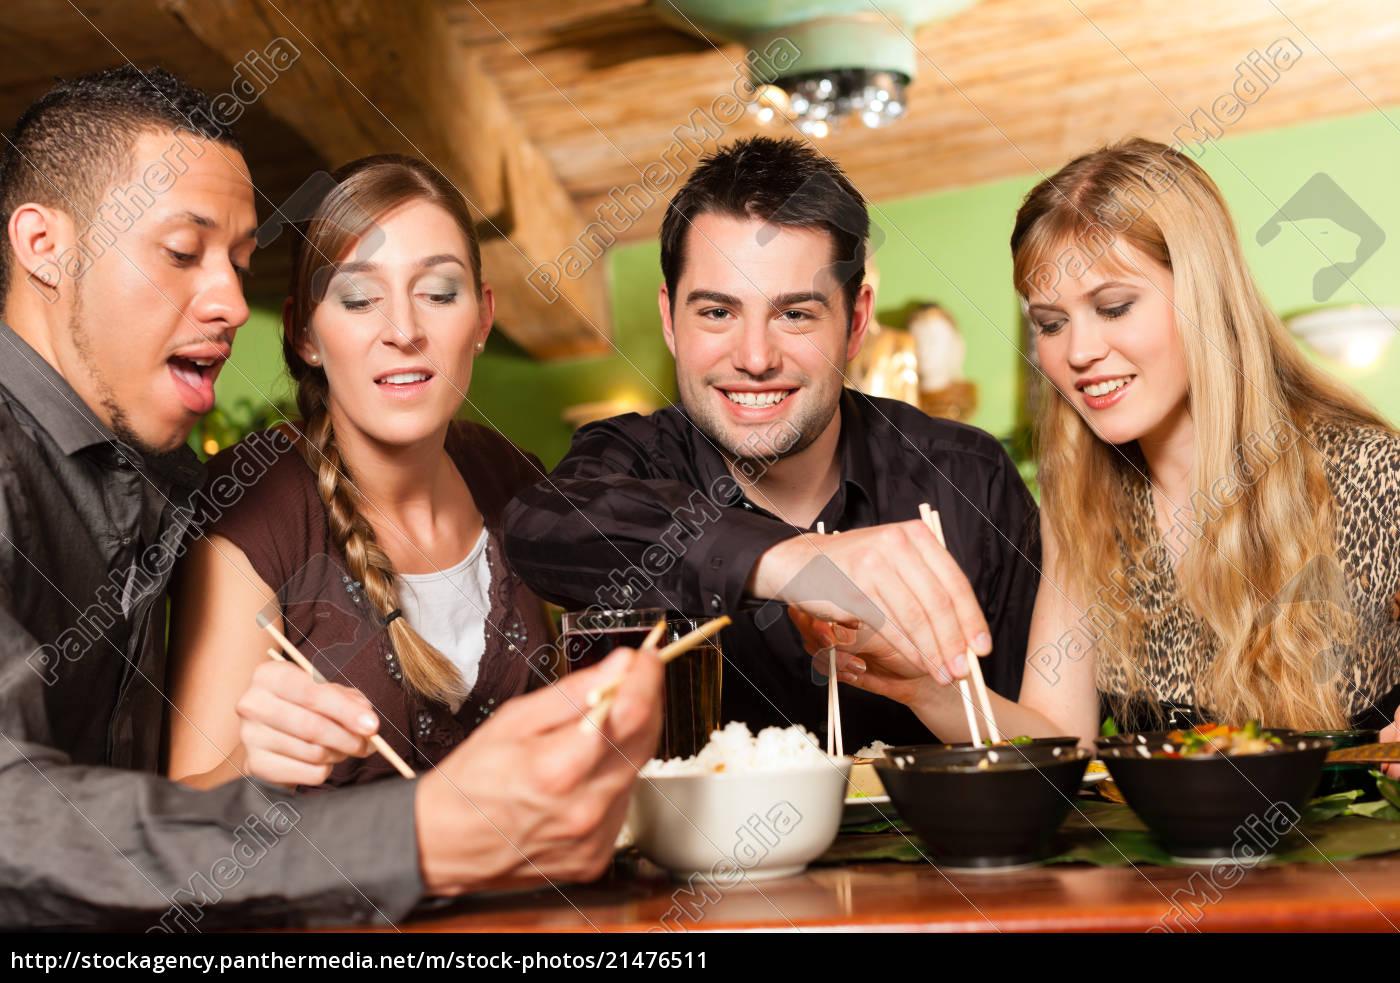 junge, leute, essen, im, thailändischen, restaurant - 21476511